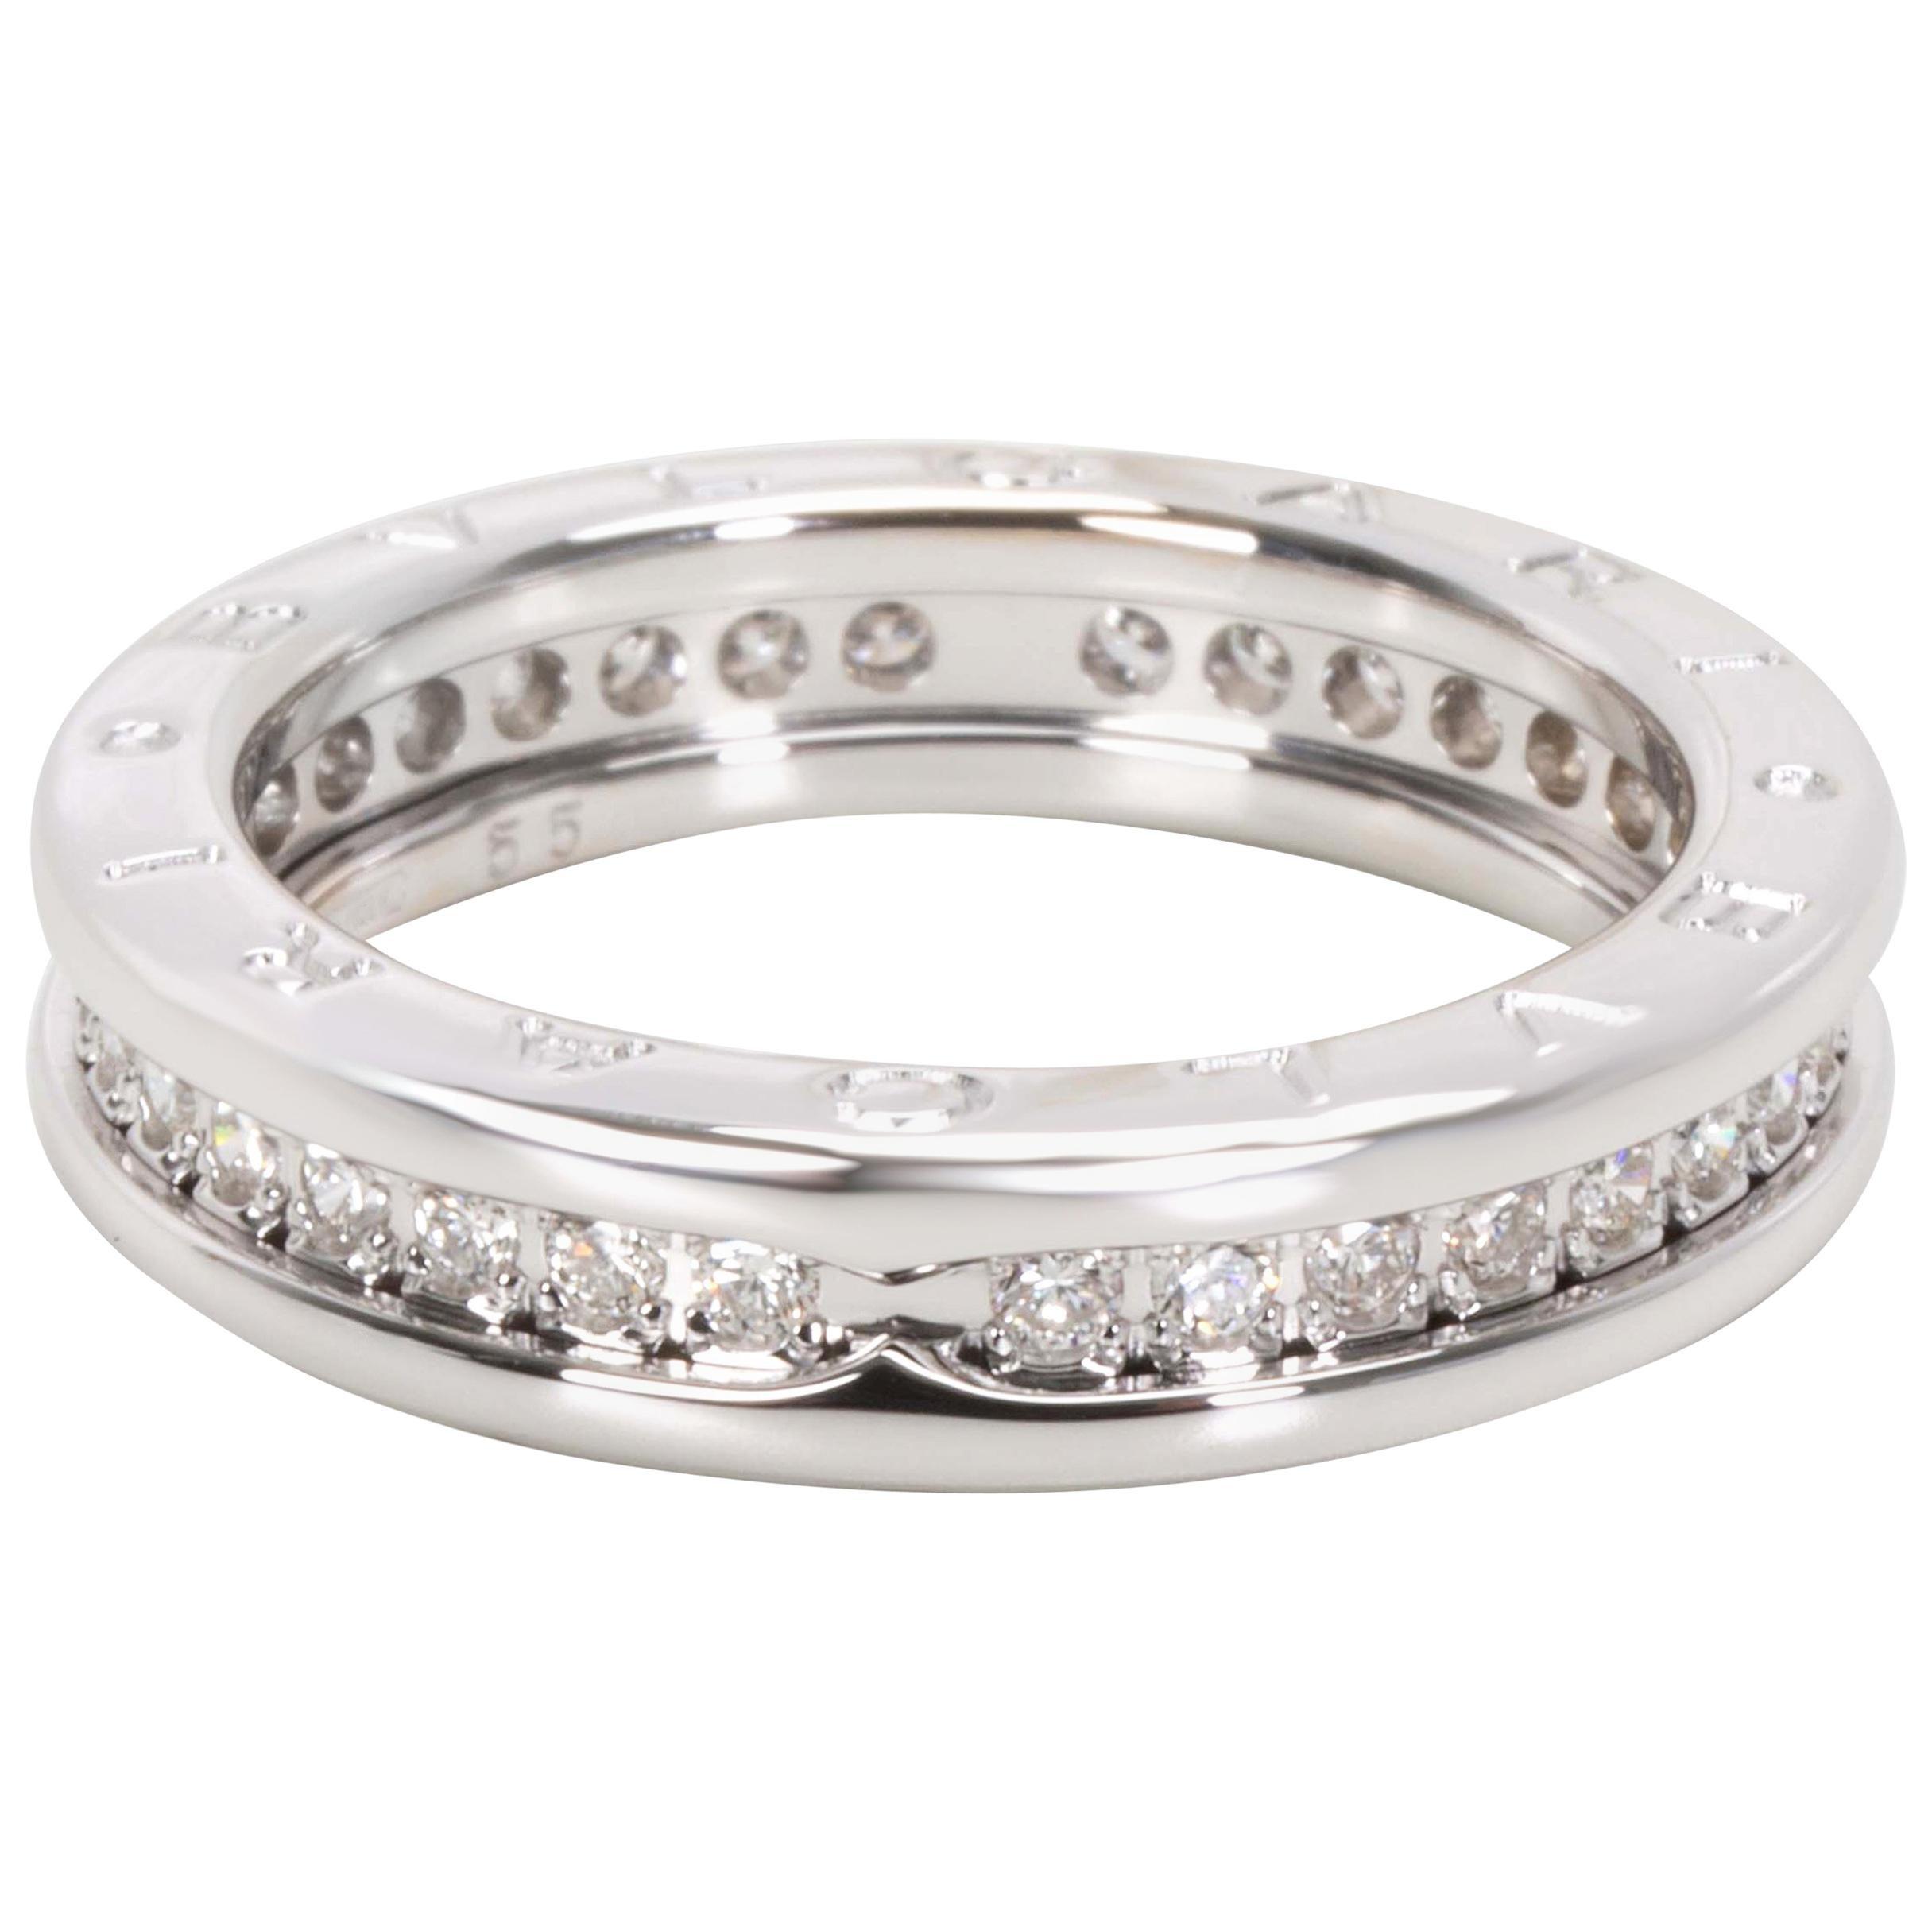 Bvlgari B. Zero Diamond Ring in 18 Karat White Gold '1 Carat'